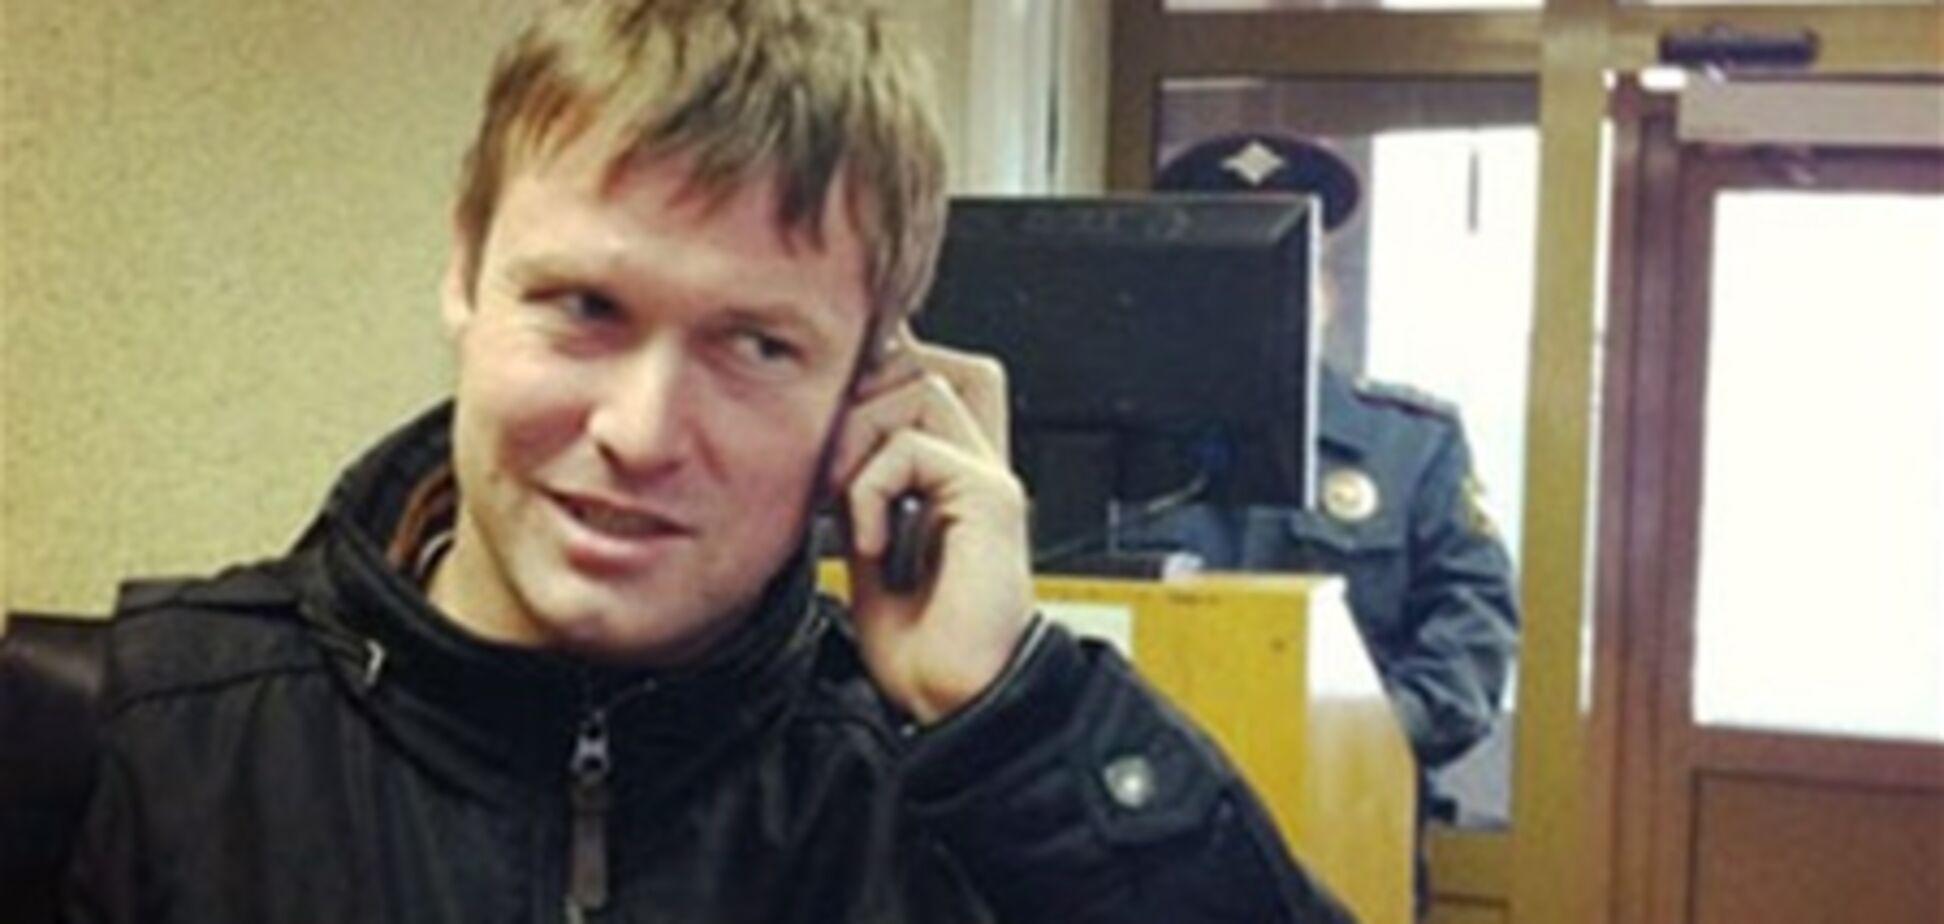 Развозжаева украли из здания ООН в Киеве - депутат Госдумы